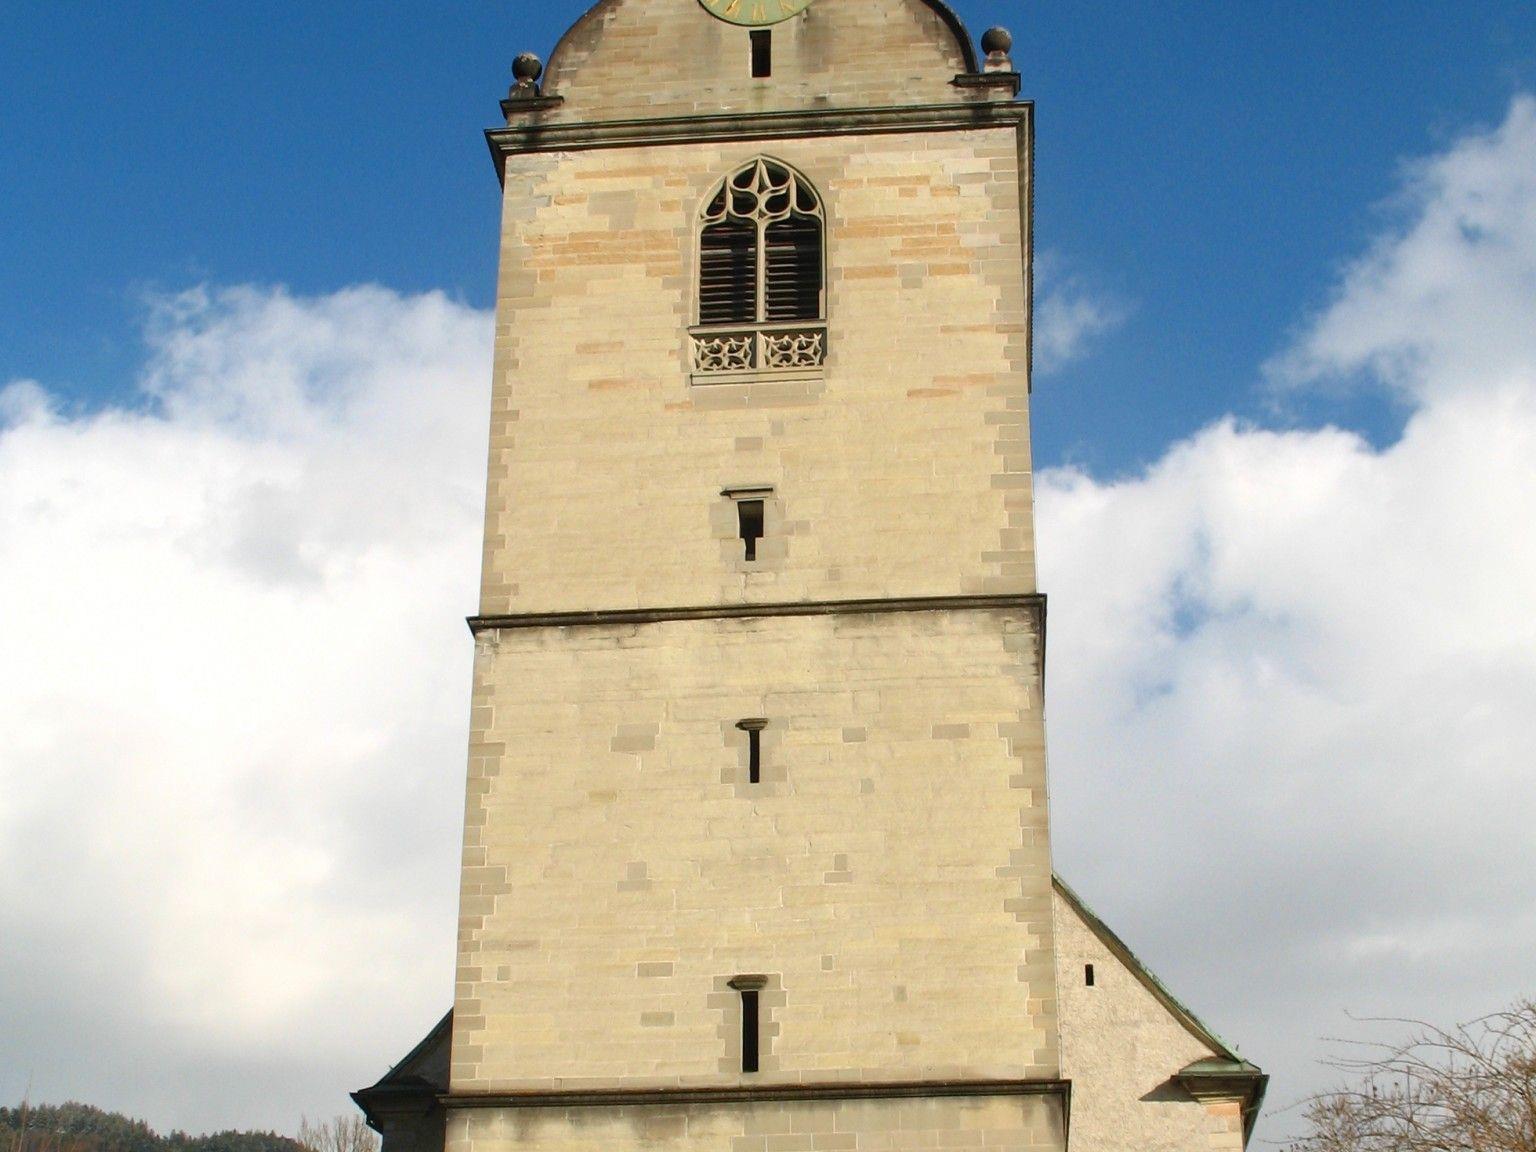 Pfarrkirche St. Gallus Bregenz. Startort für die Galluswanderung nach Rheineck.